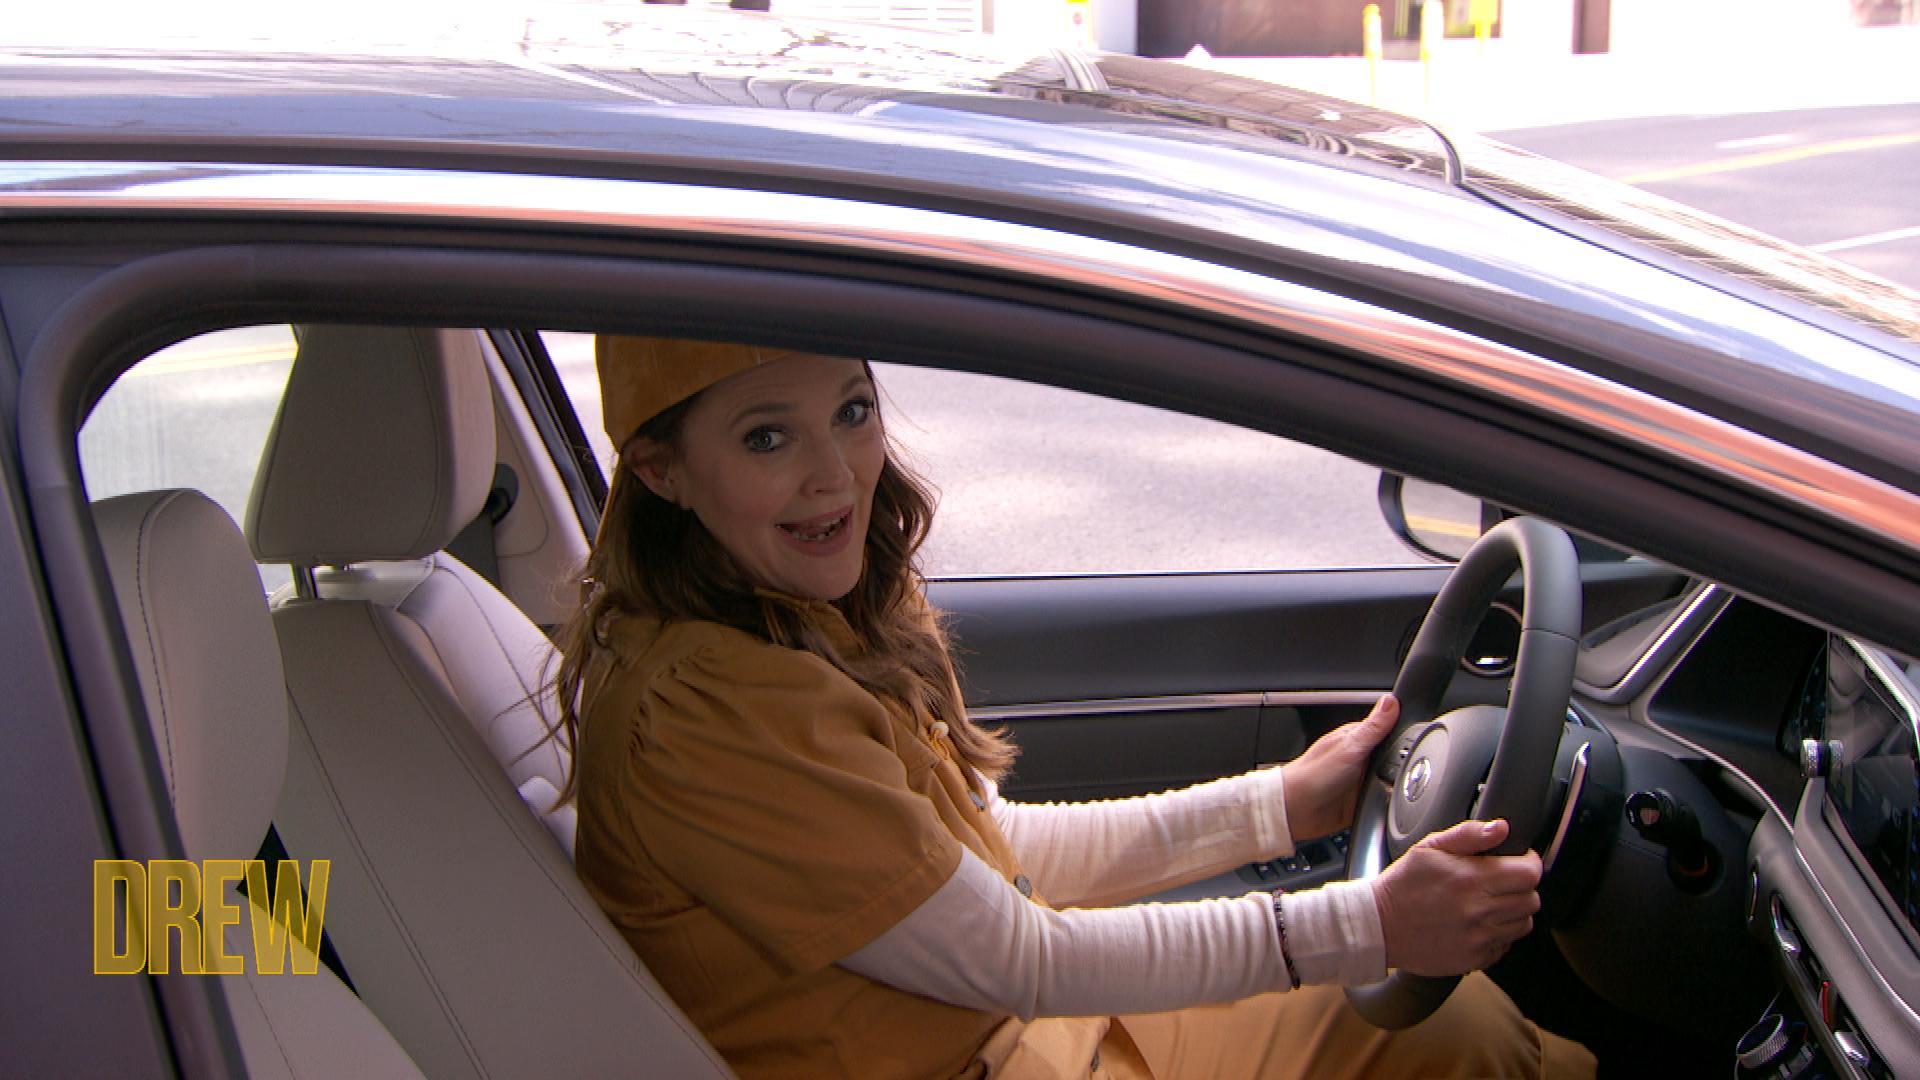 Drew in a car